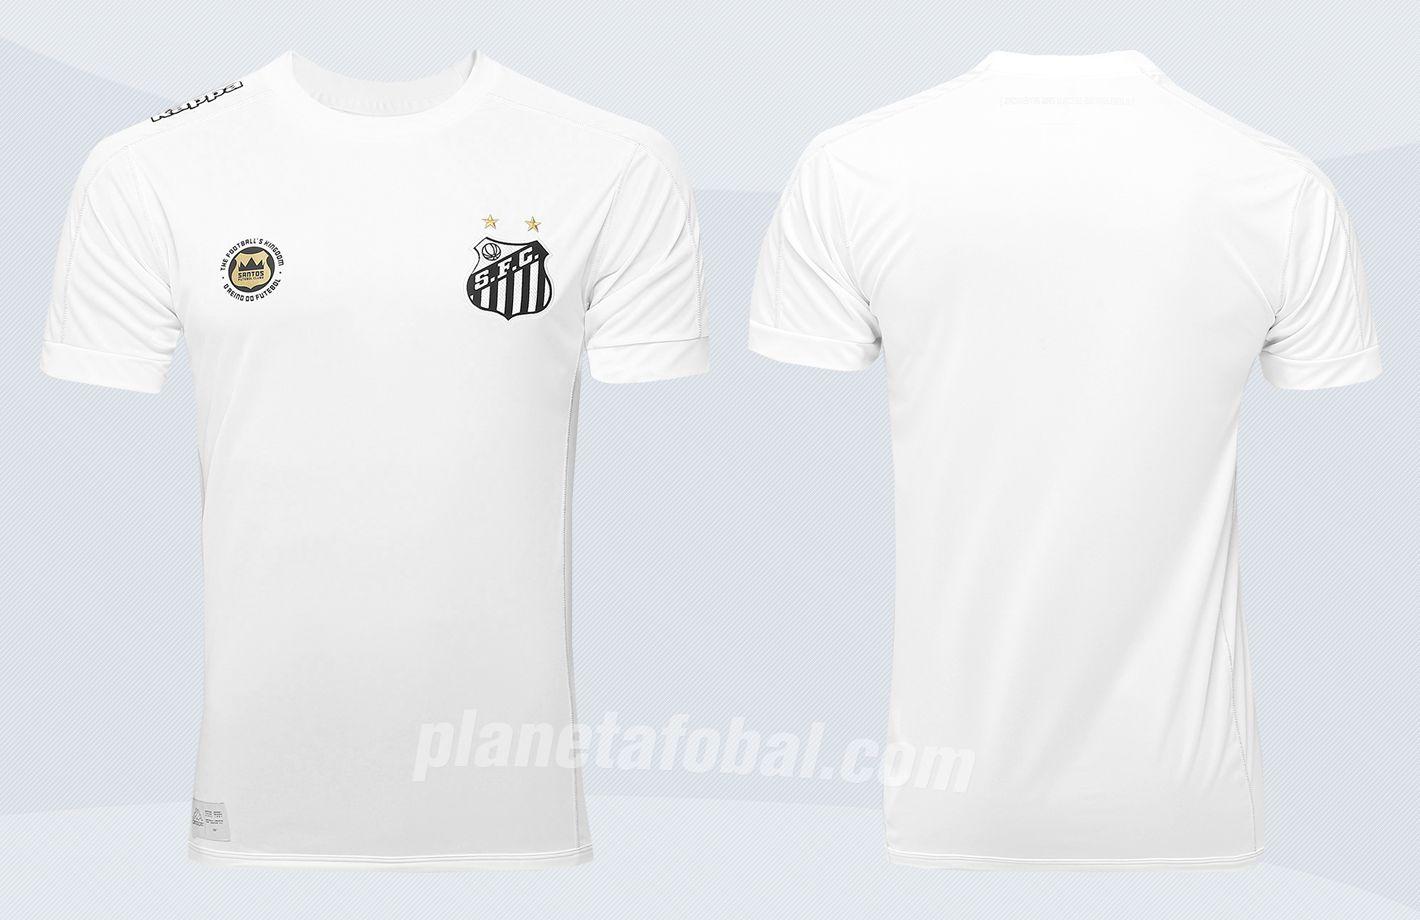 Nueva camiseta del Santos FC | Imágenes Tienda Oficial